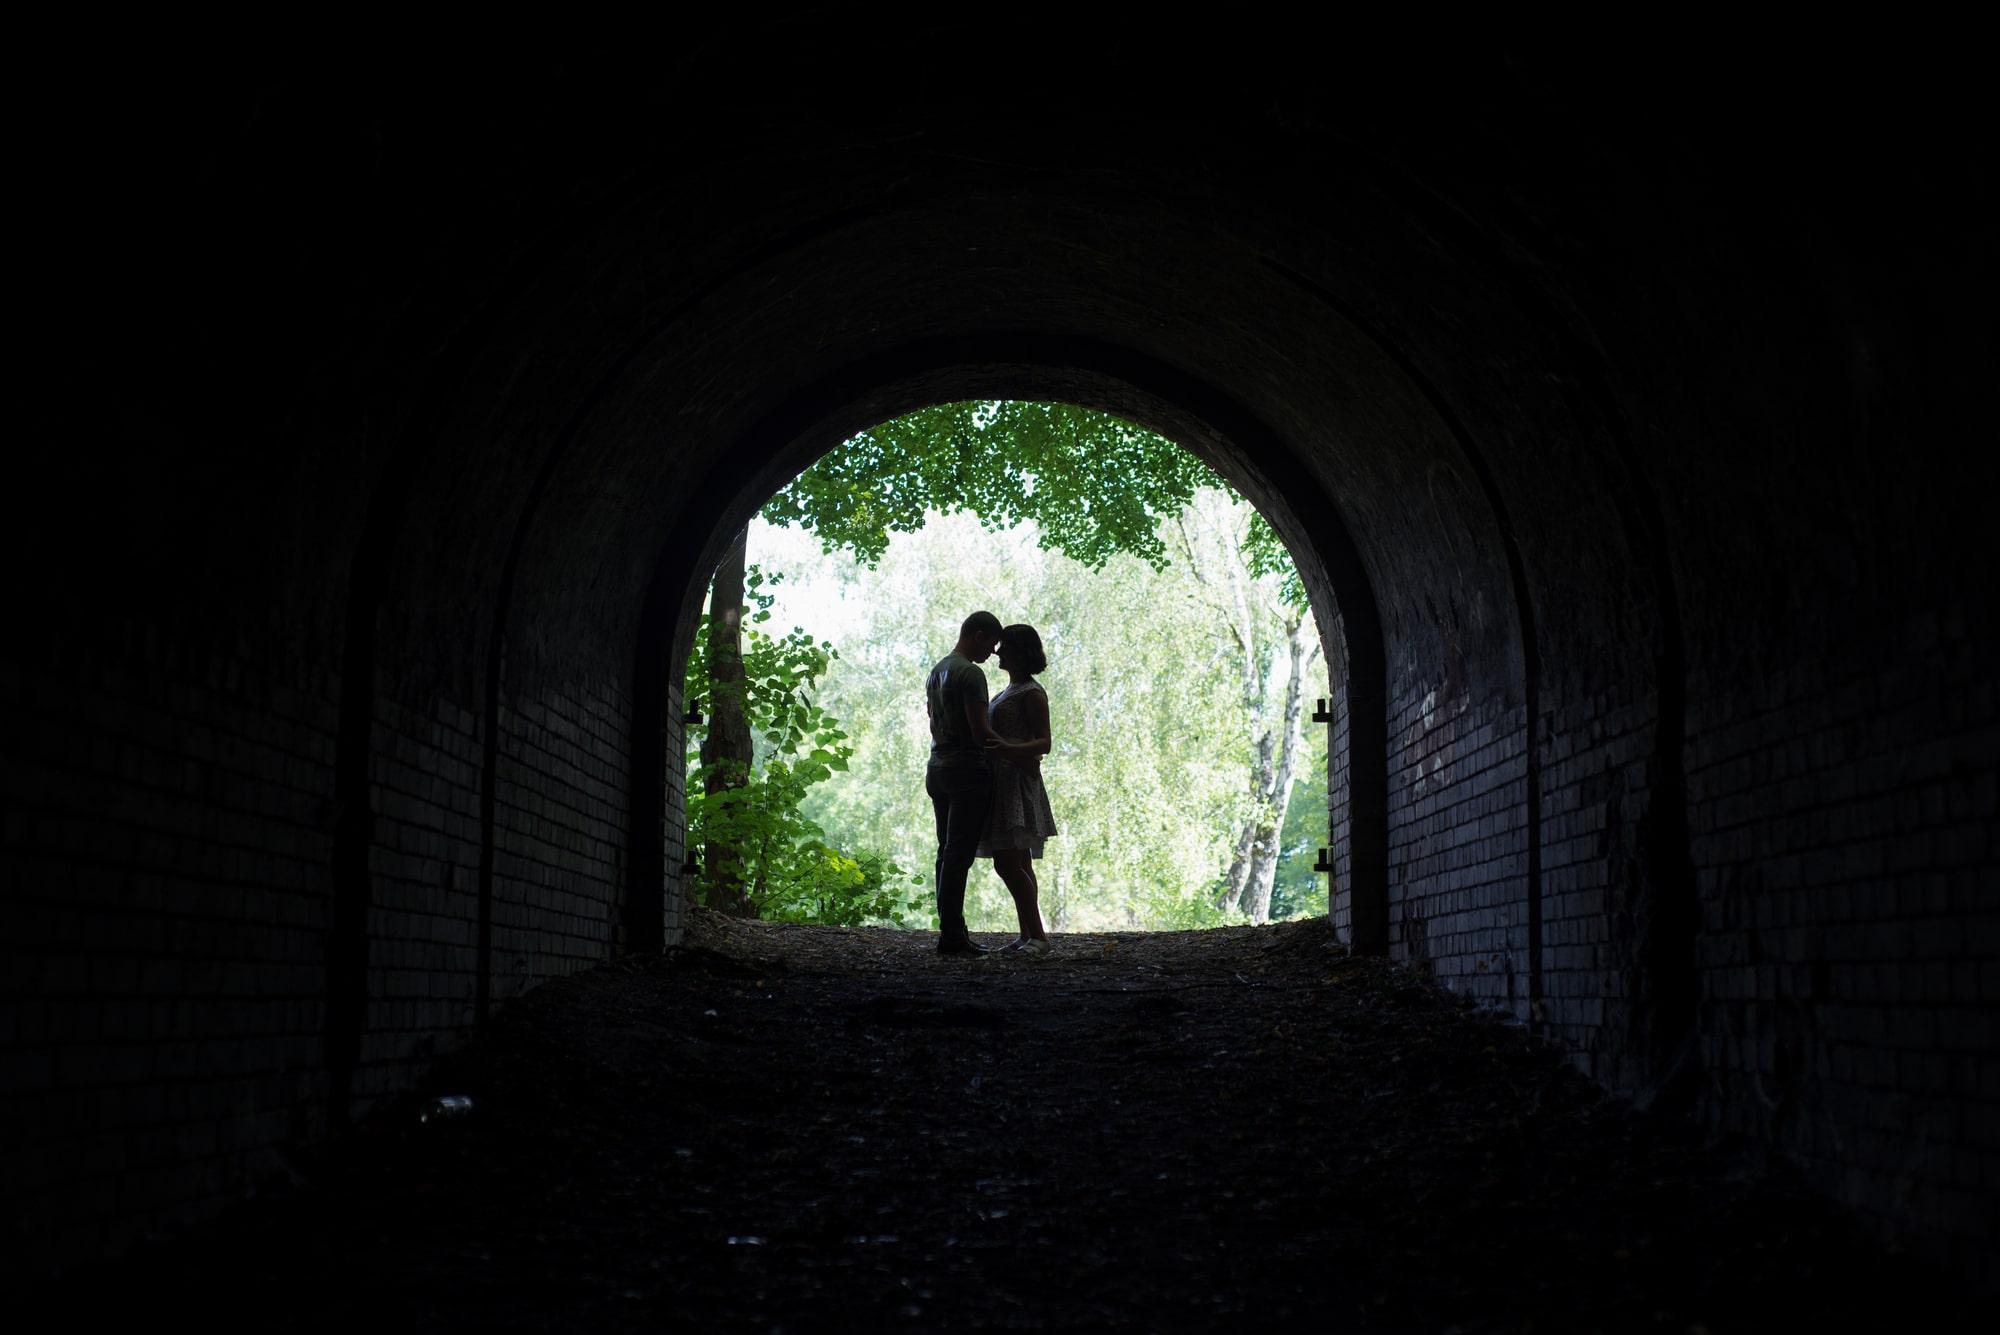 Фотосессия Love Story в тунеле влюбленных - Фотограф Женя Лайт